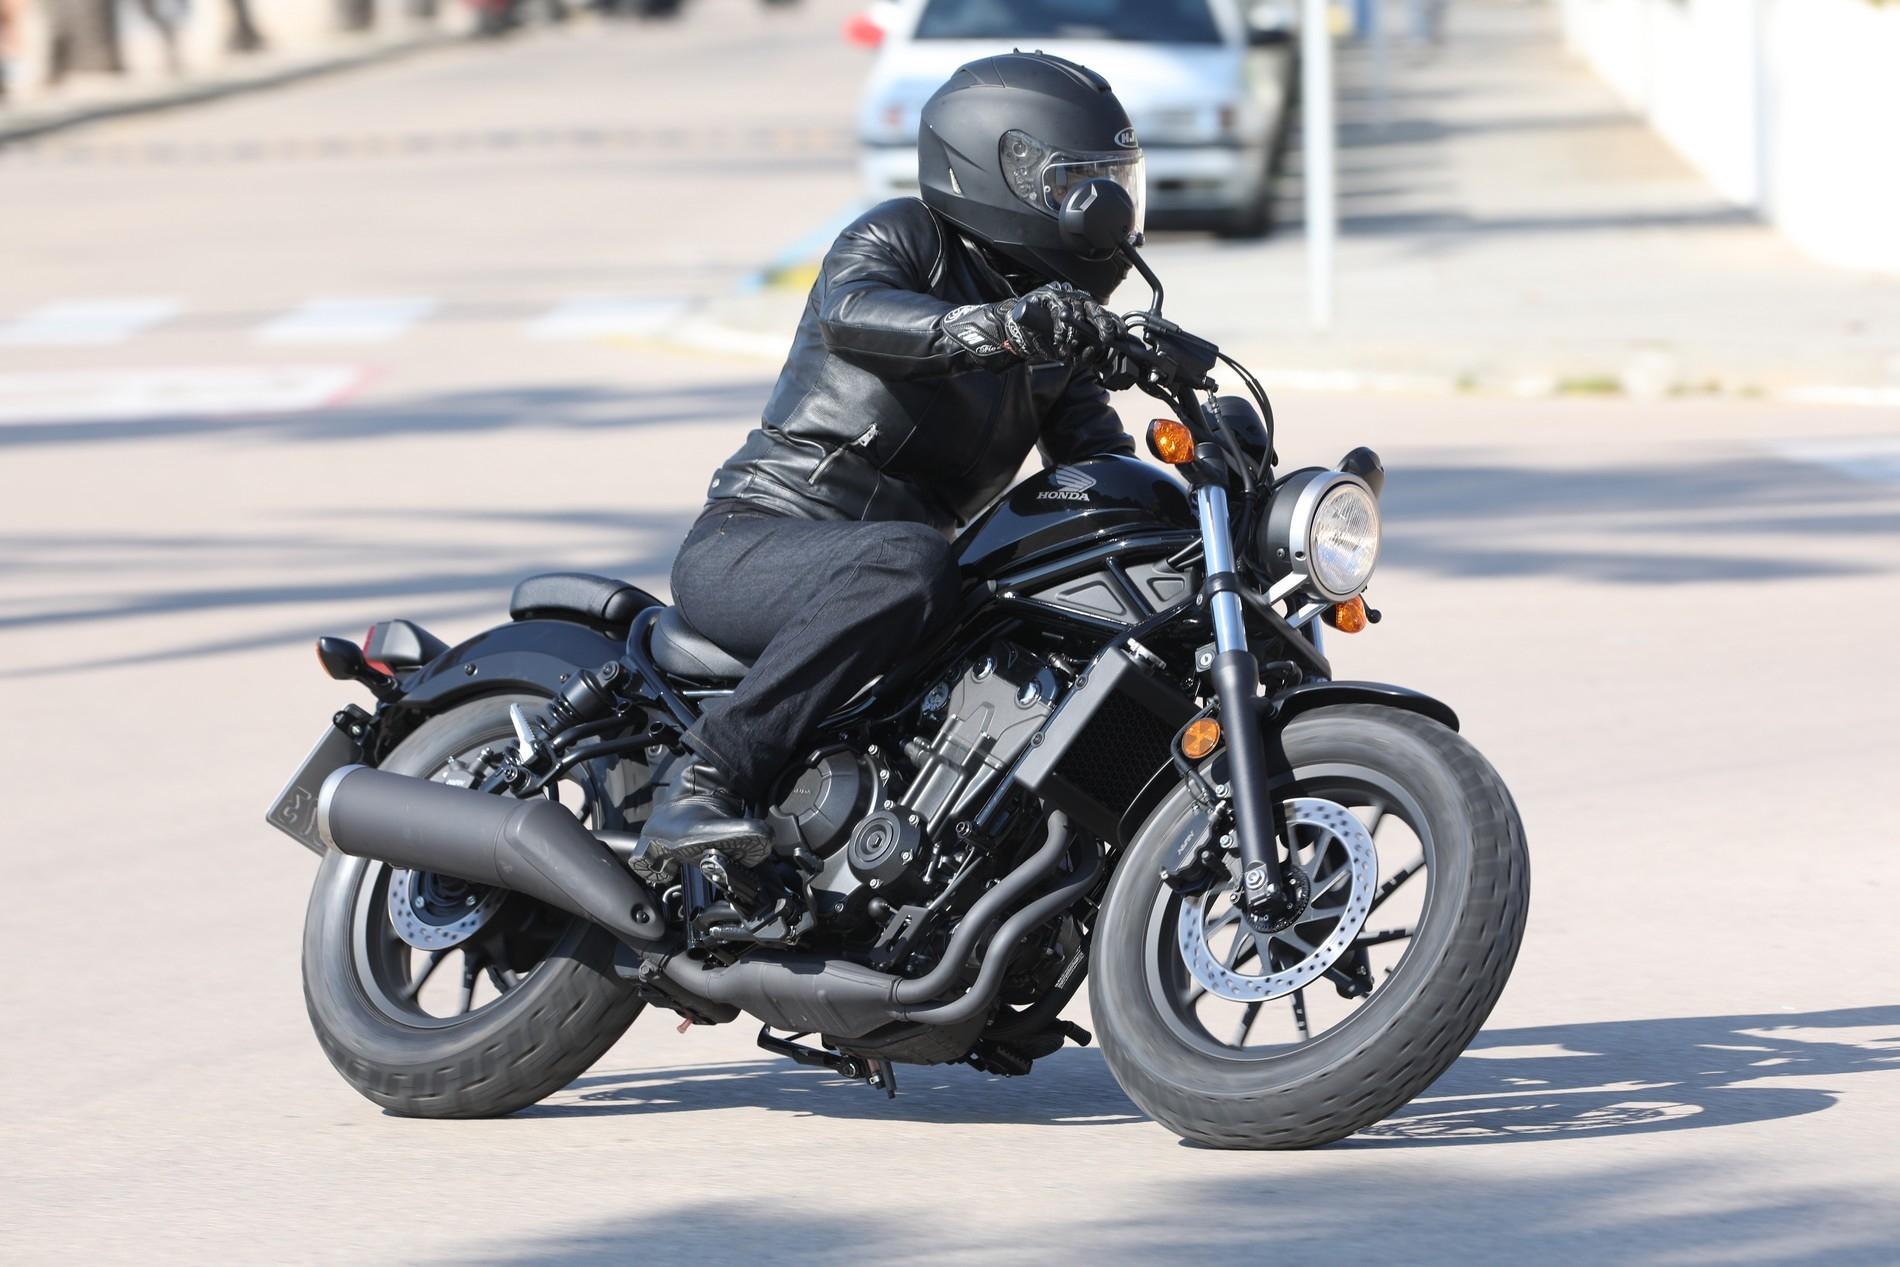 Essai Honda CMX 500 Rebel 2017 : détails et portfolio [+27 photos]